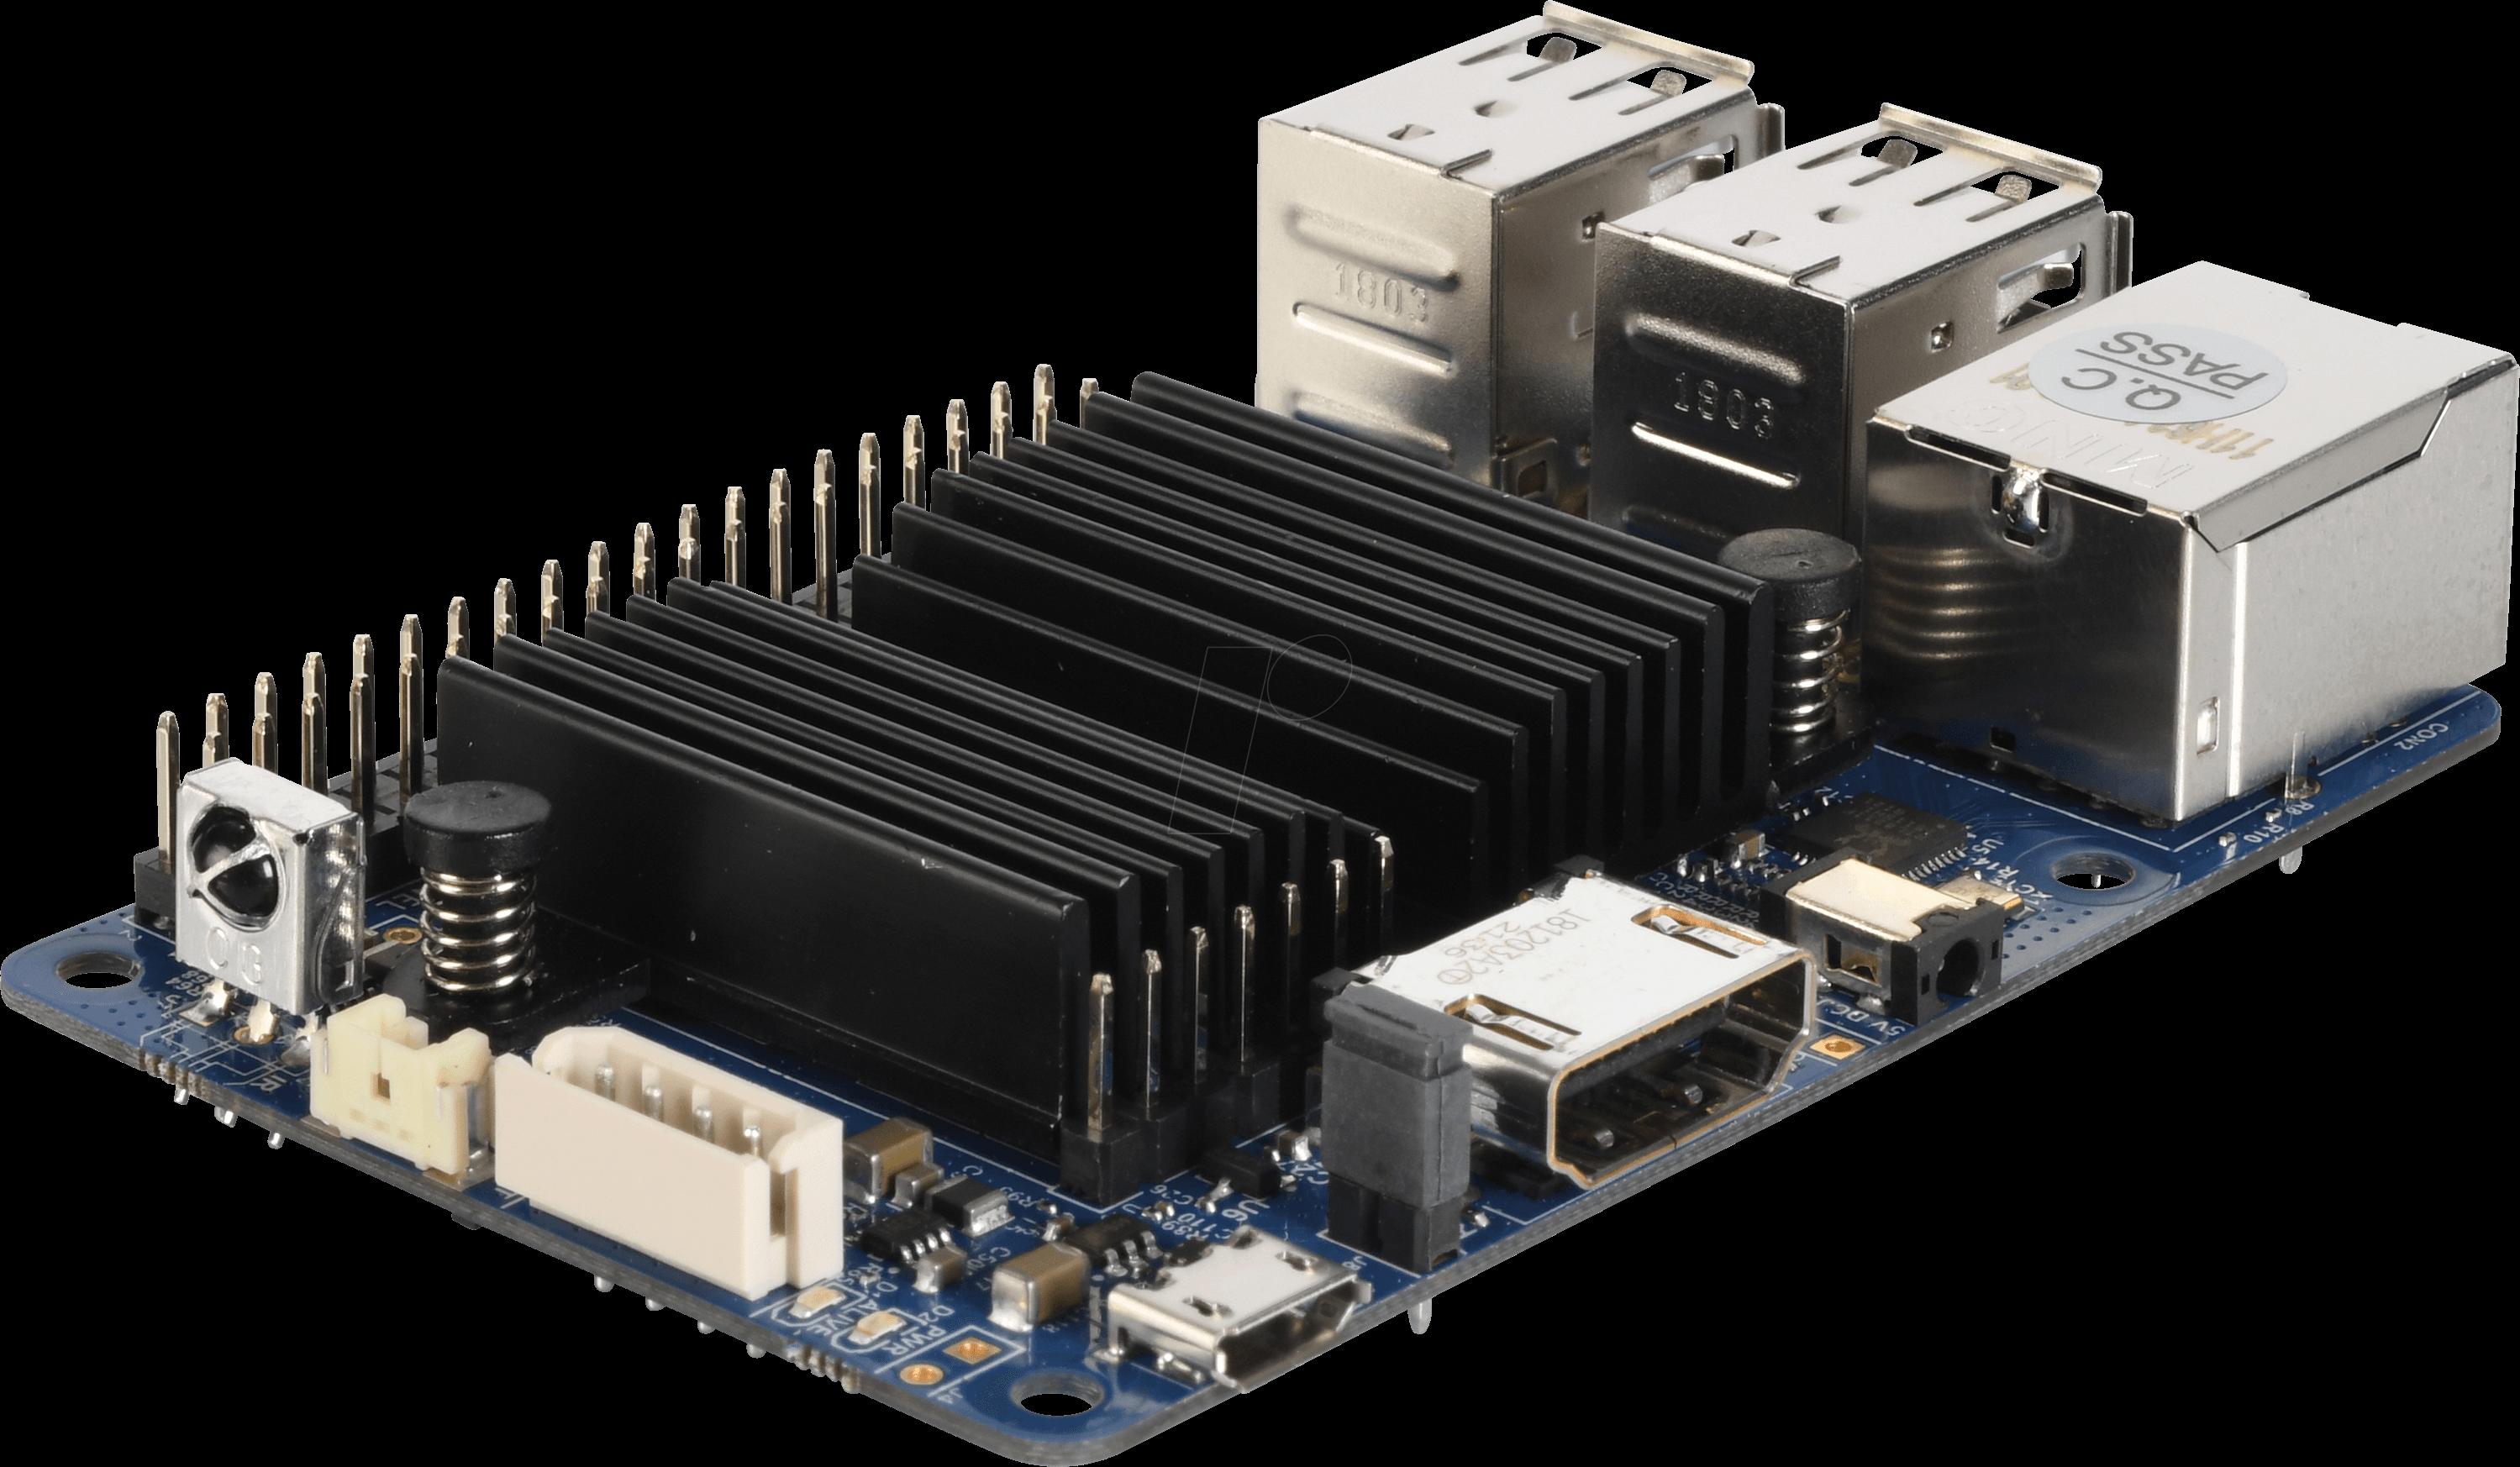 ODROID C1+ - Odroid C1+, 4x 1 5 GHz, 1 GB RAM